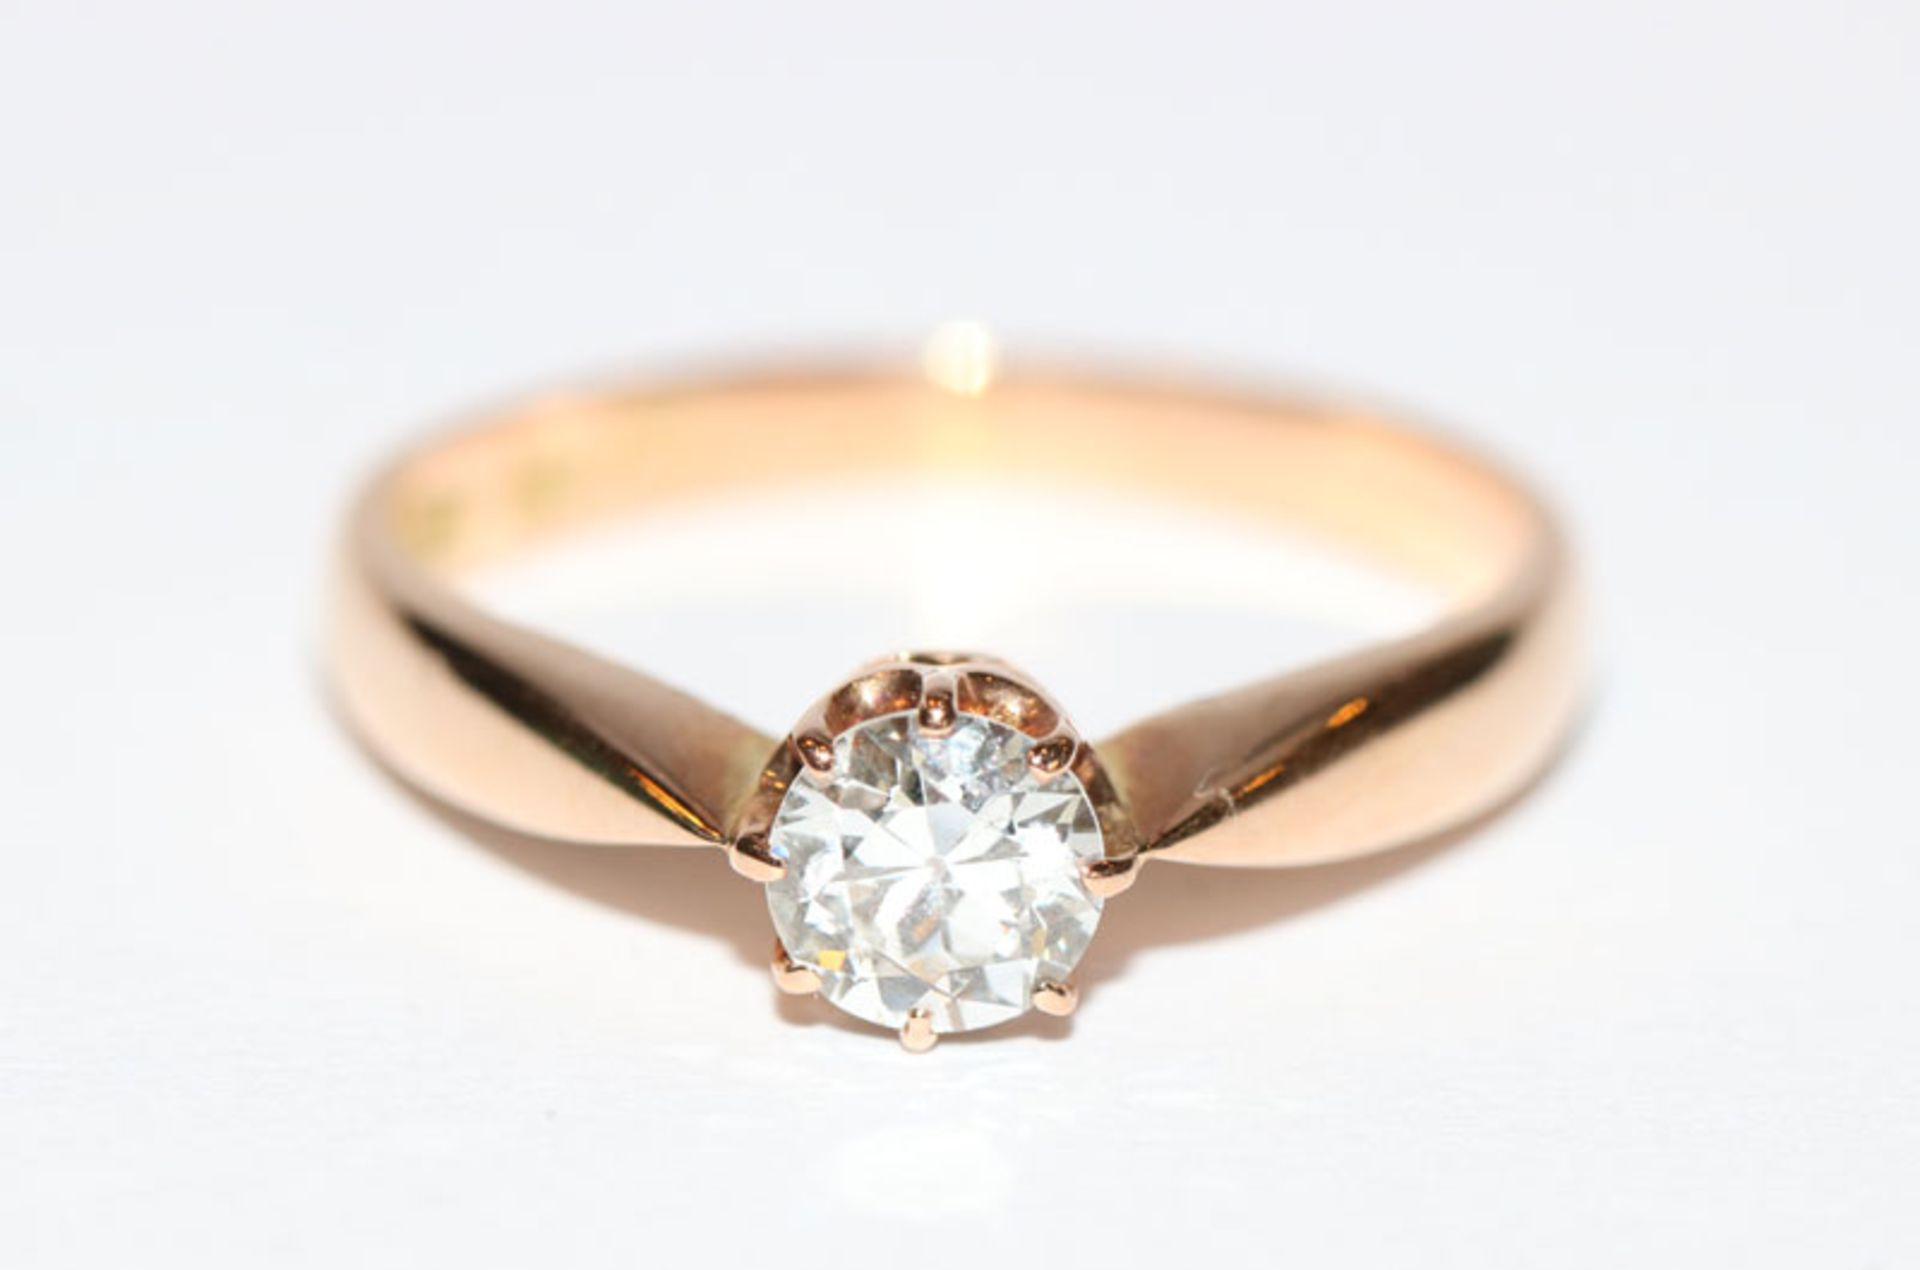 Los 31 - 14 k Gelbgold Ring mit 0,70 ct. Brillant Top Crystal/si, in Krabbenfassung, Gr. 56, klassische